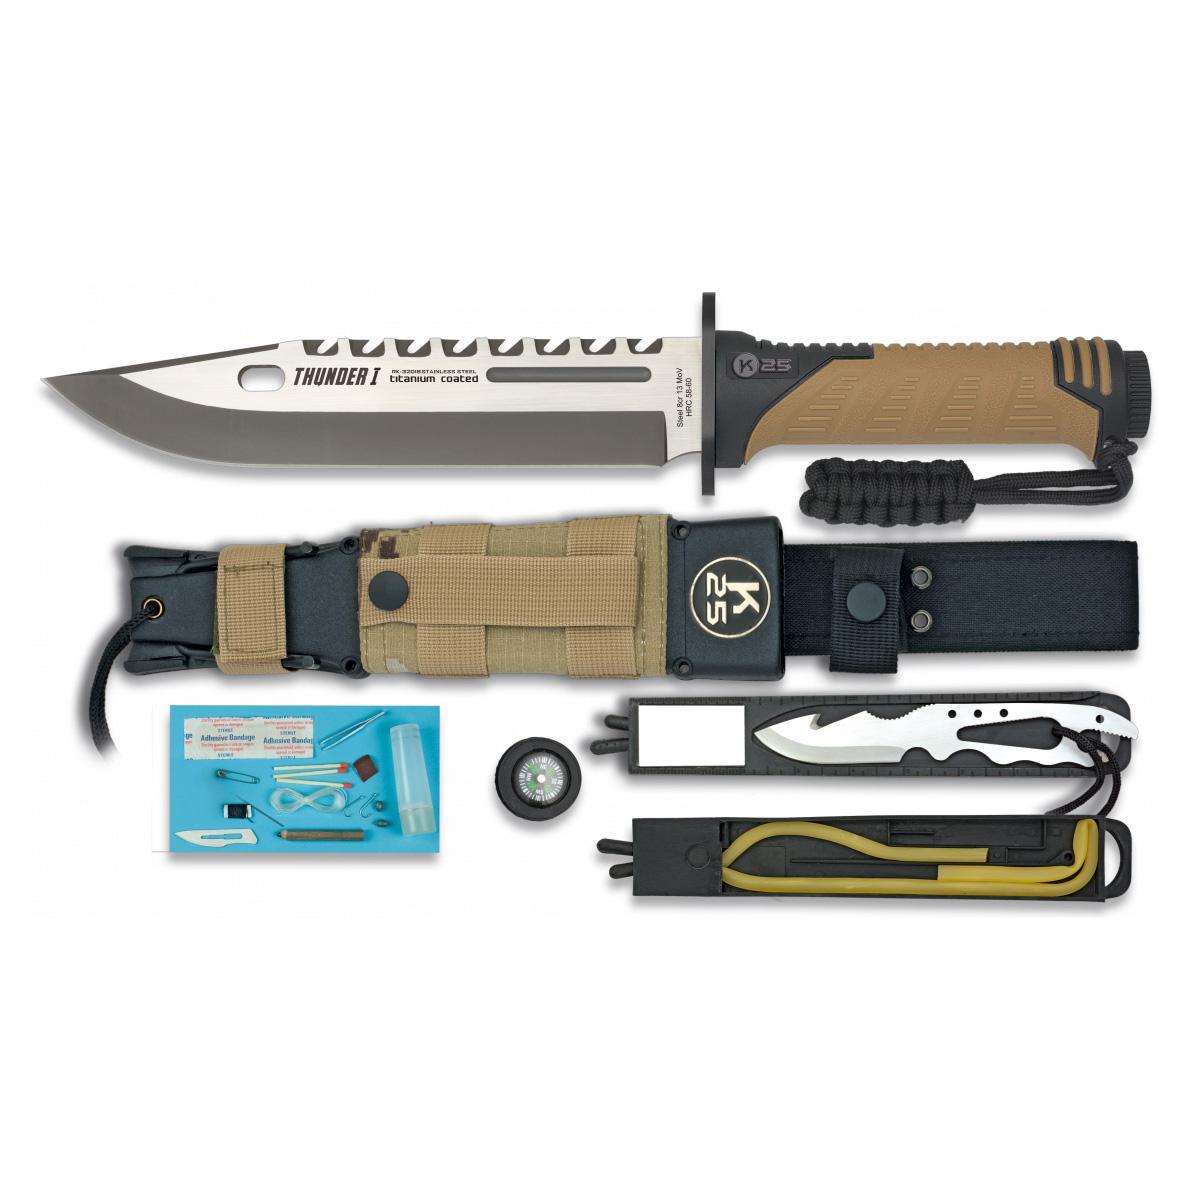 Cuchillo Tactico K25 THUNDER I Coyote